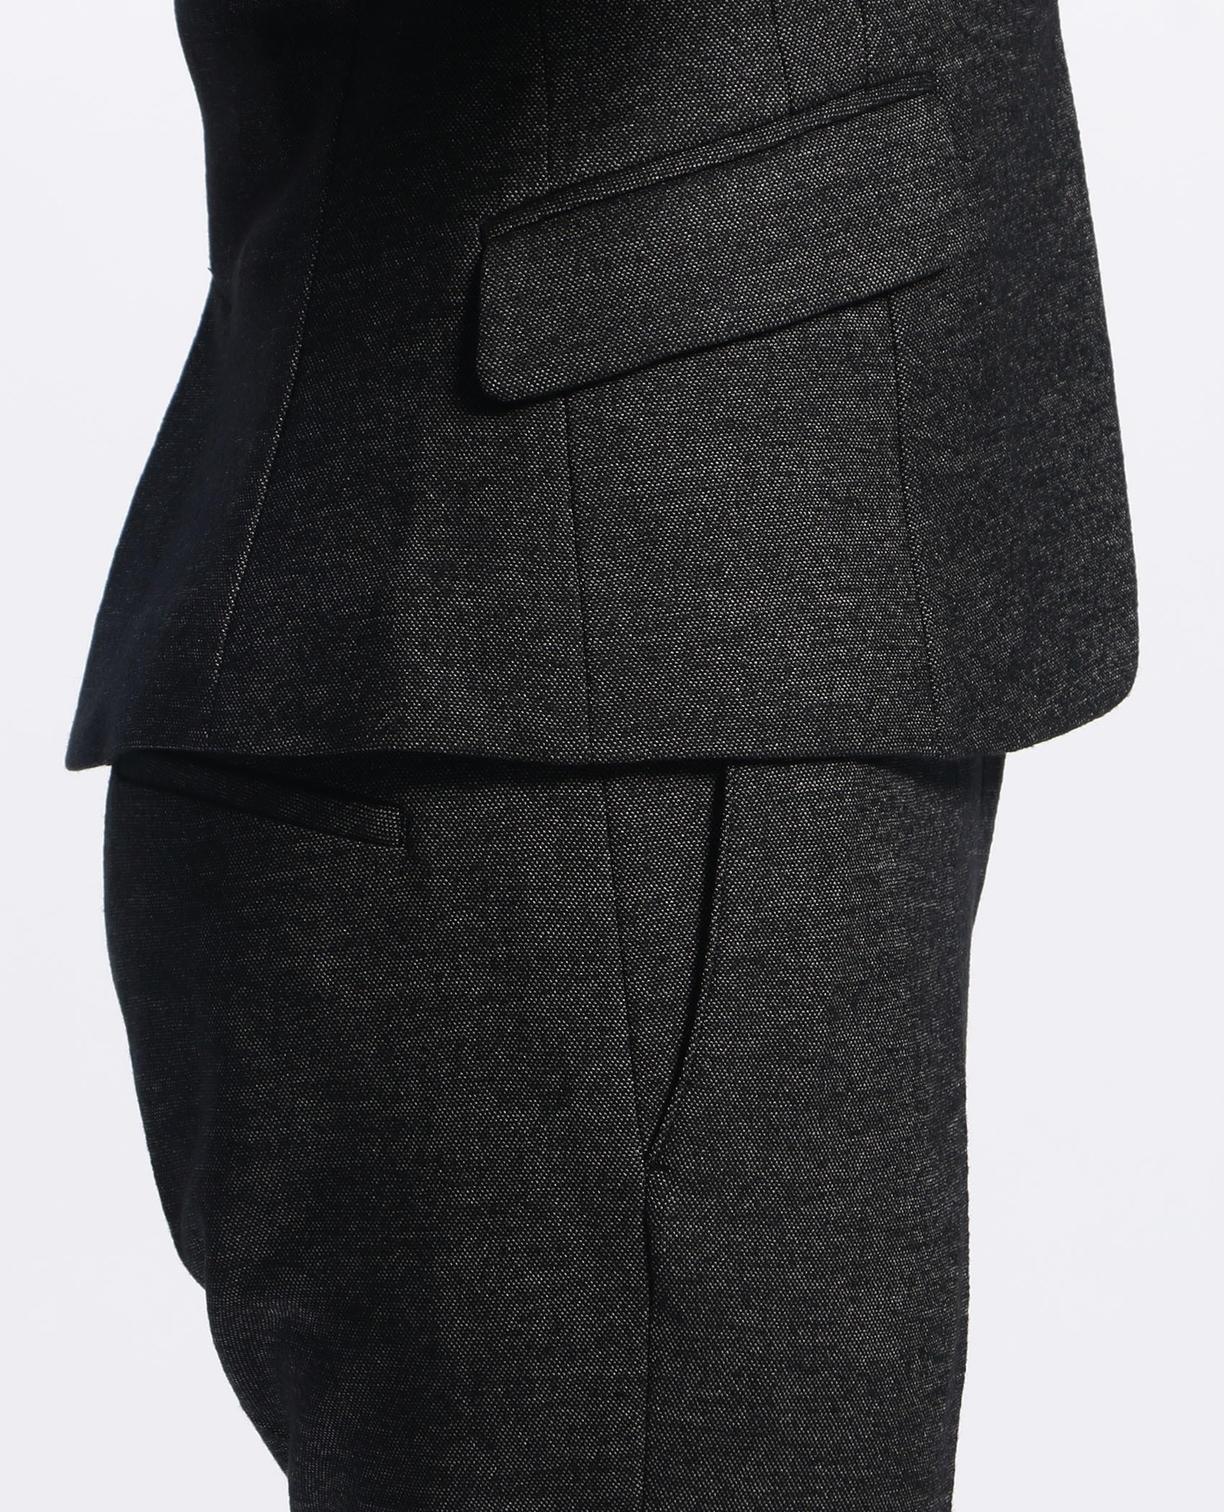 《セットアップスーツ対応》バーズアイスタンドカラージャケット